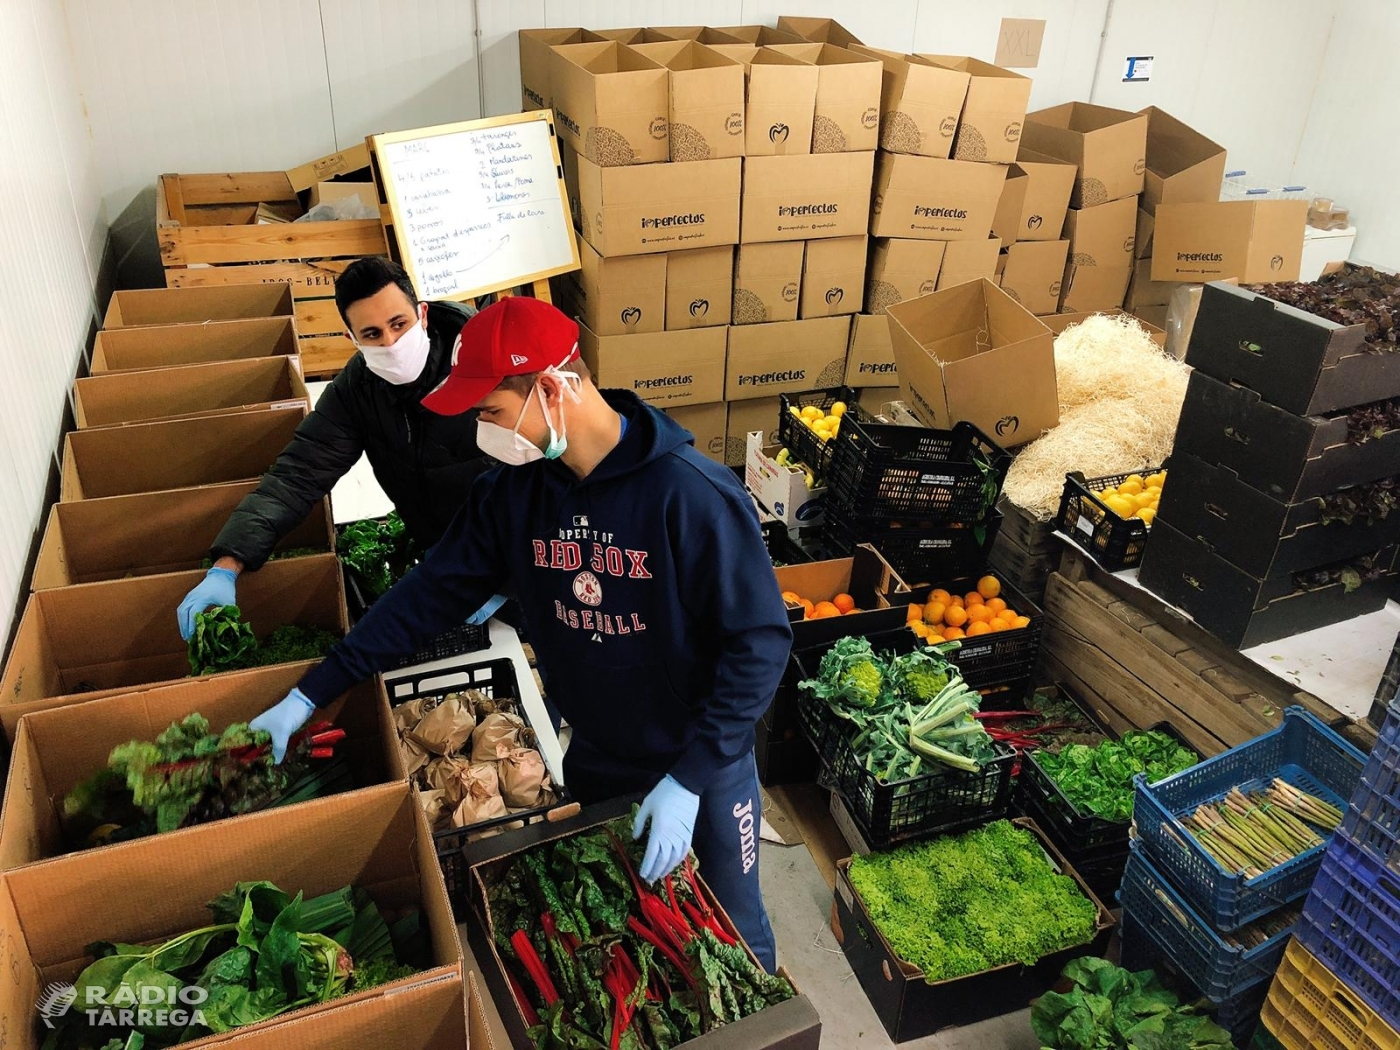 L'empresa Imperfectus fa una crida als pagesos amb excedents que vulguin donar sortida als seus productes durant la crisi del coronavirus